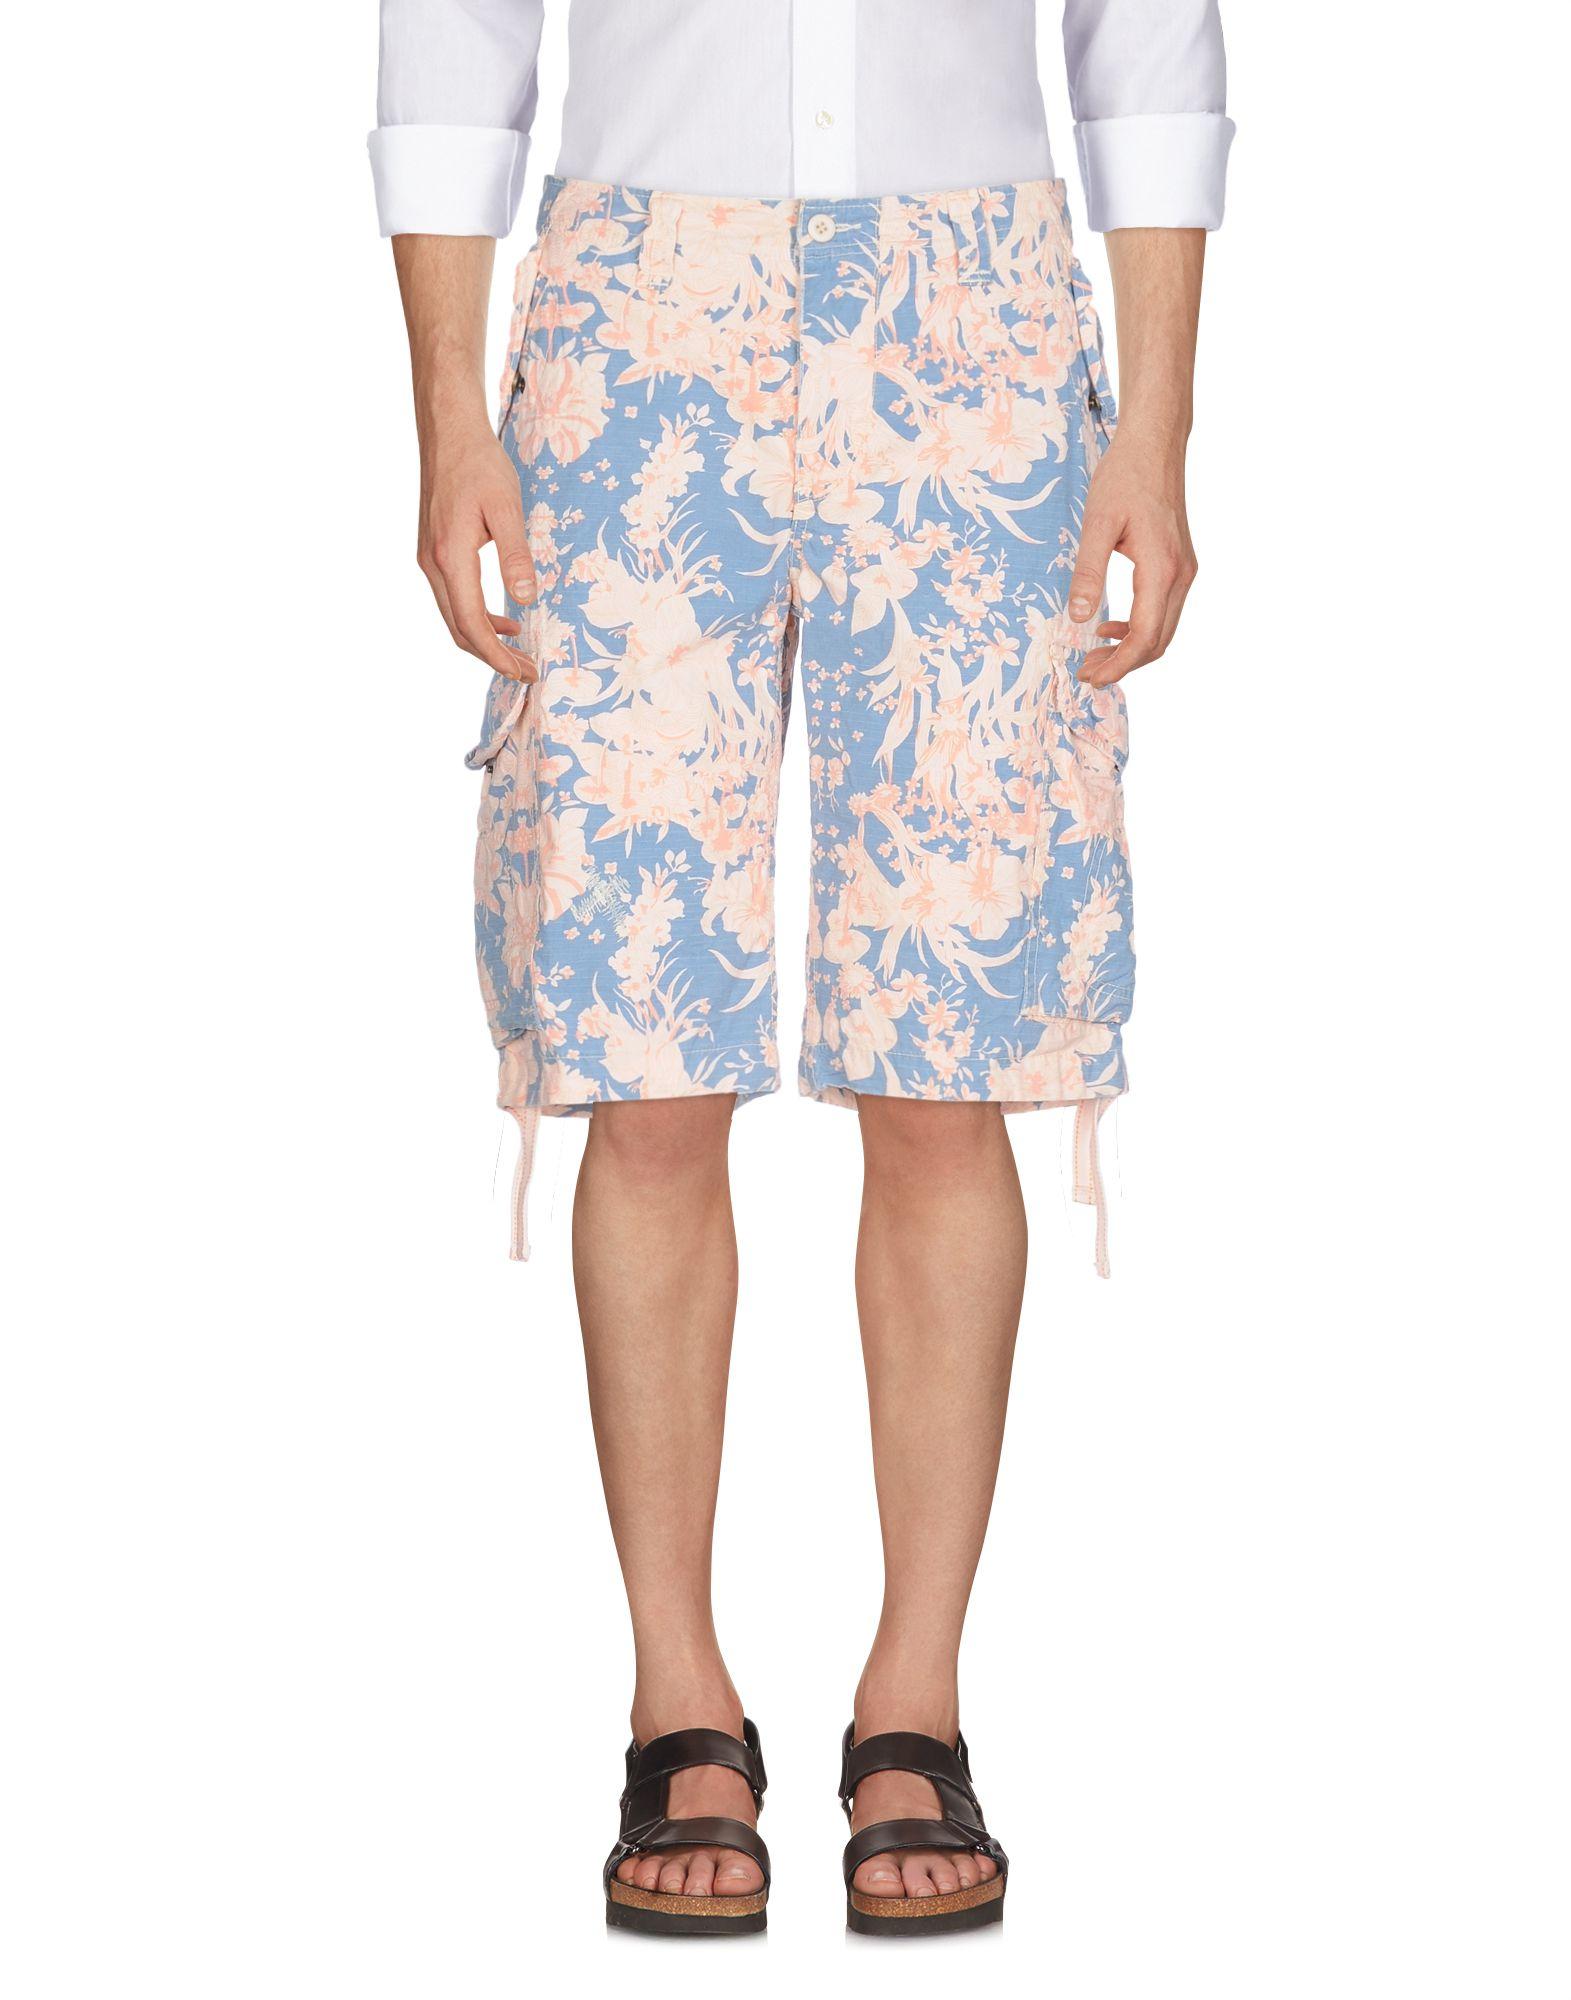 SCOTCH & SODA Herren Bermudashorts Farbe Taubenblau Größe 6 jetztbilligerkaufen